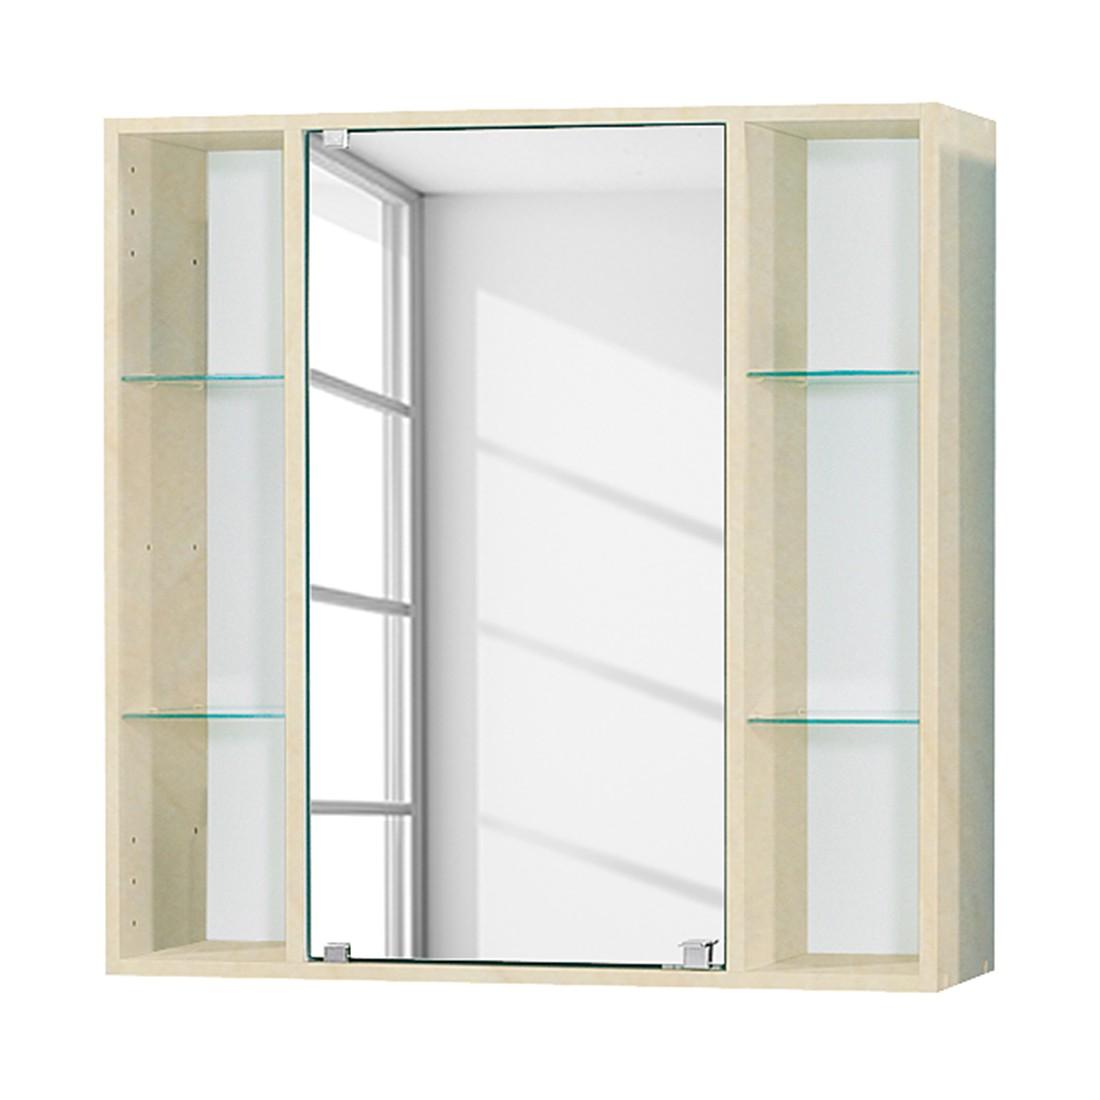 spiegelschrank lilly birke dekor fackelmann g nstig online kaufen. Black Bedroom Furniture Sets. Home Design Ideas